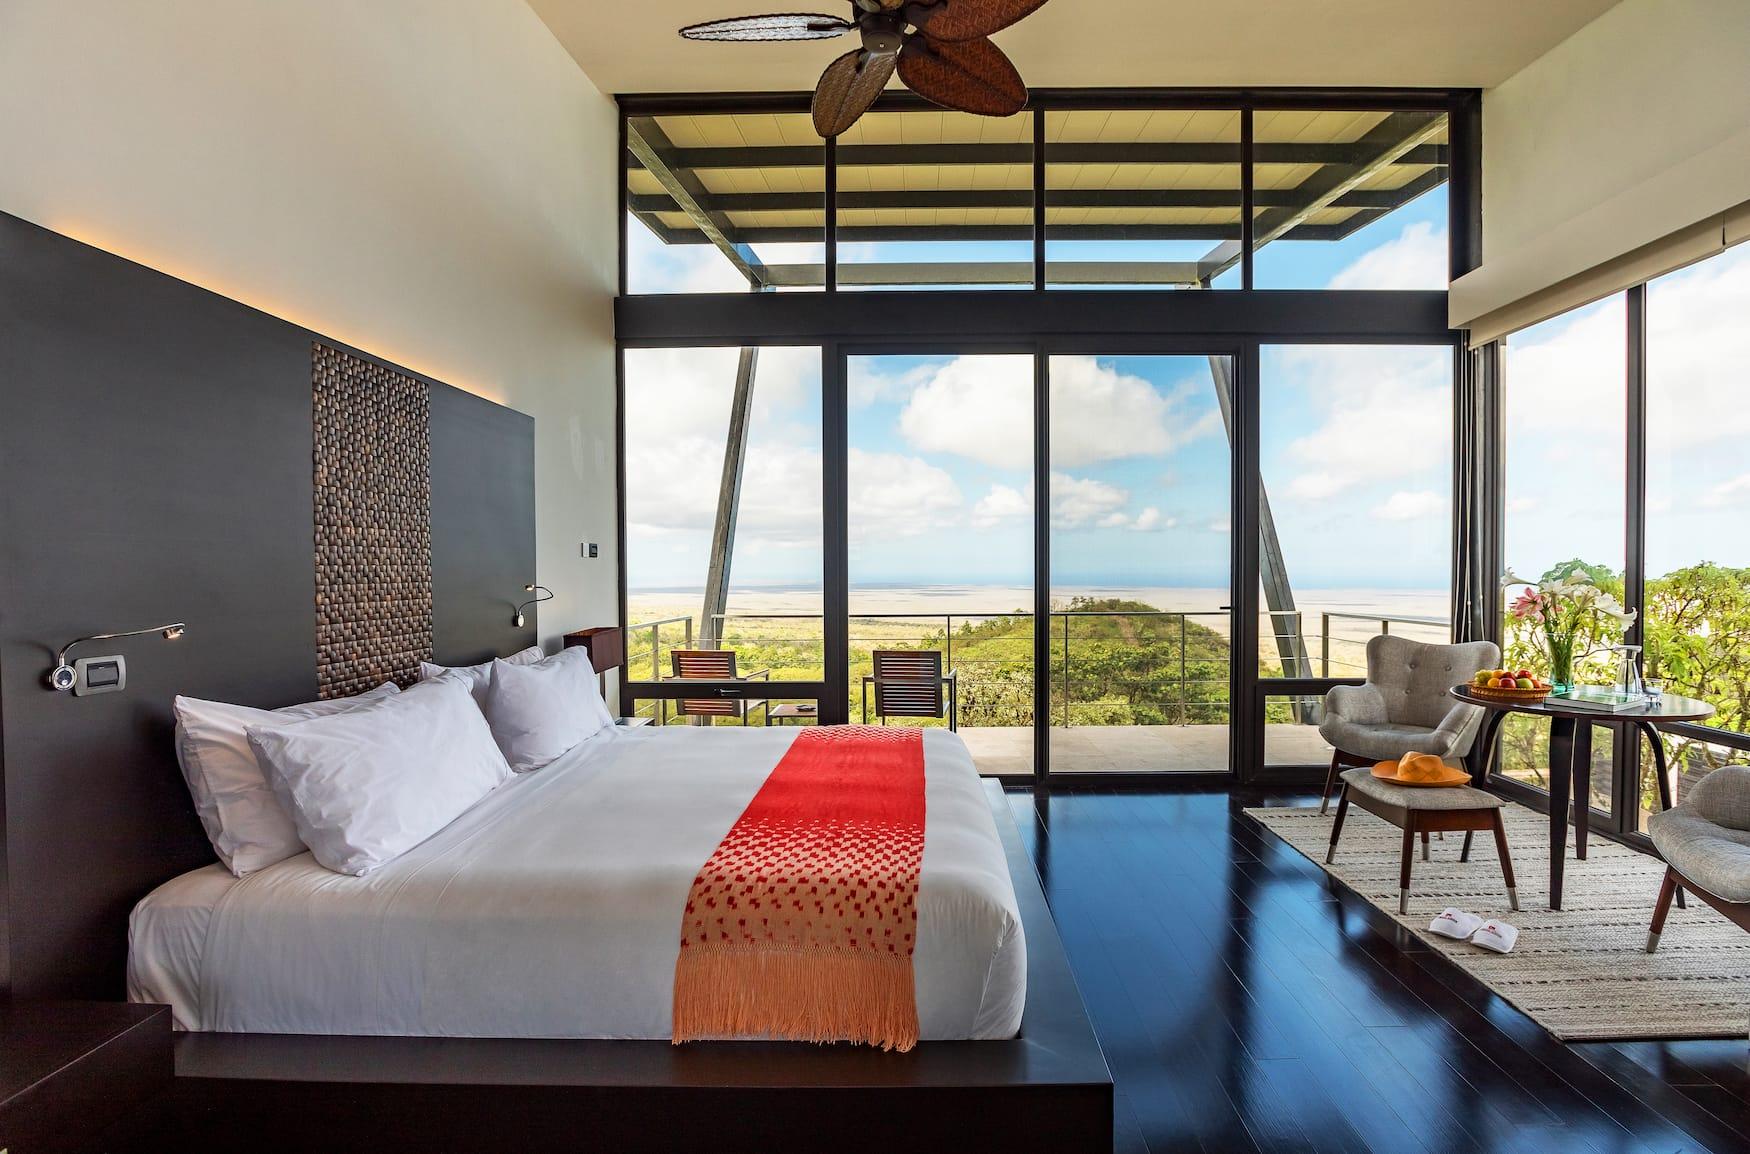 Hotelzimmer mit Blick auf die umliegende Natur